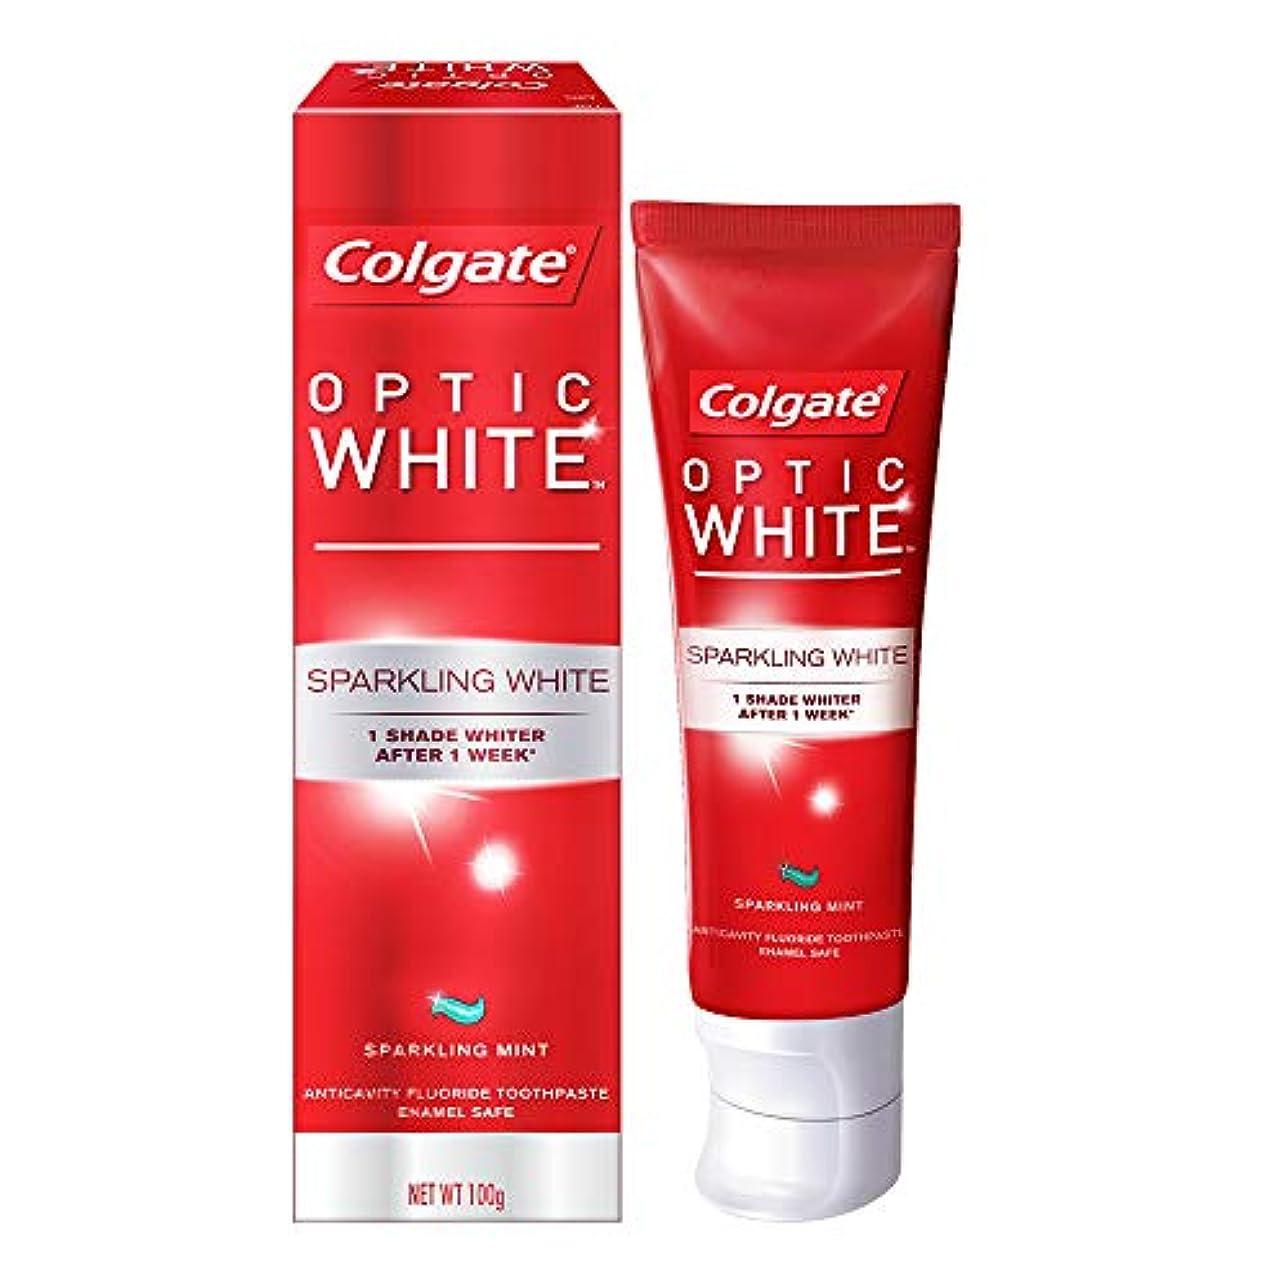 優しい実装する百万コールゲート オプティック ホワイト スパークリングシャイン 100g 歯磨き粉 Colgate Optic White Sparkling Shine 100g Tooth Paste